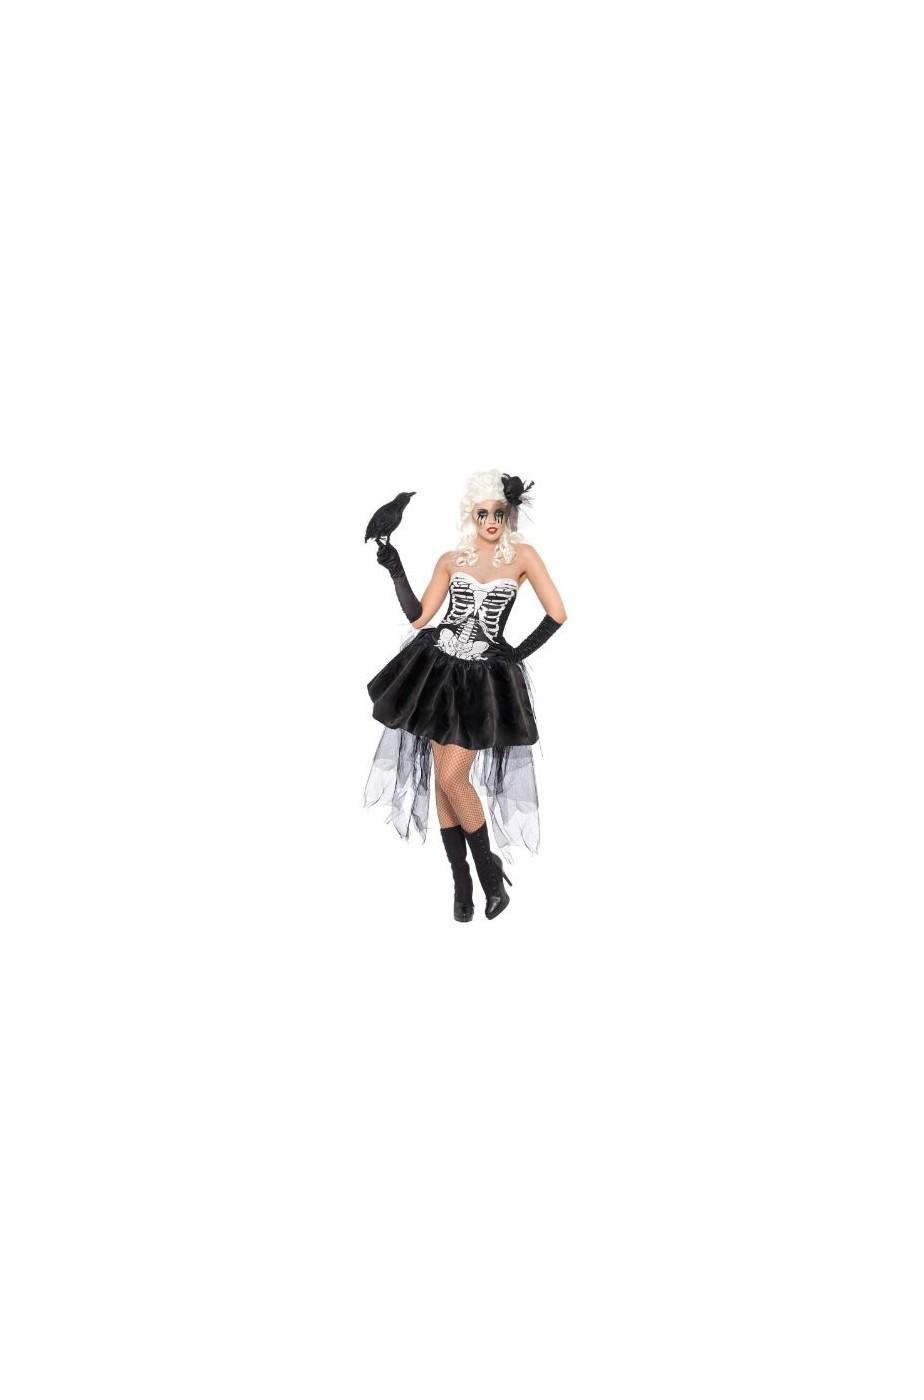 vestito di Halloween donna scheletro abito con sottogonna stracciata e026cb47aff2